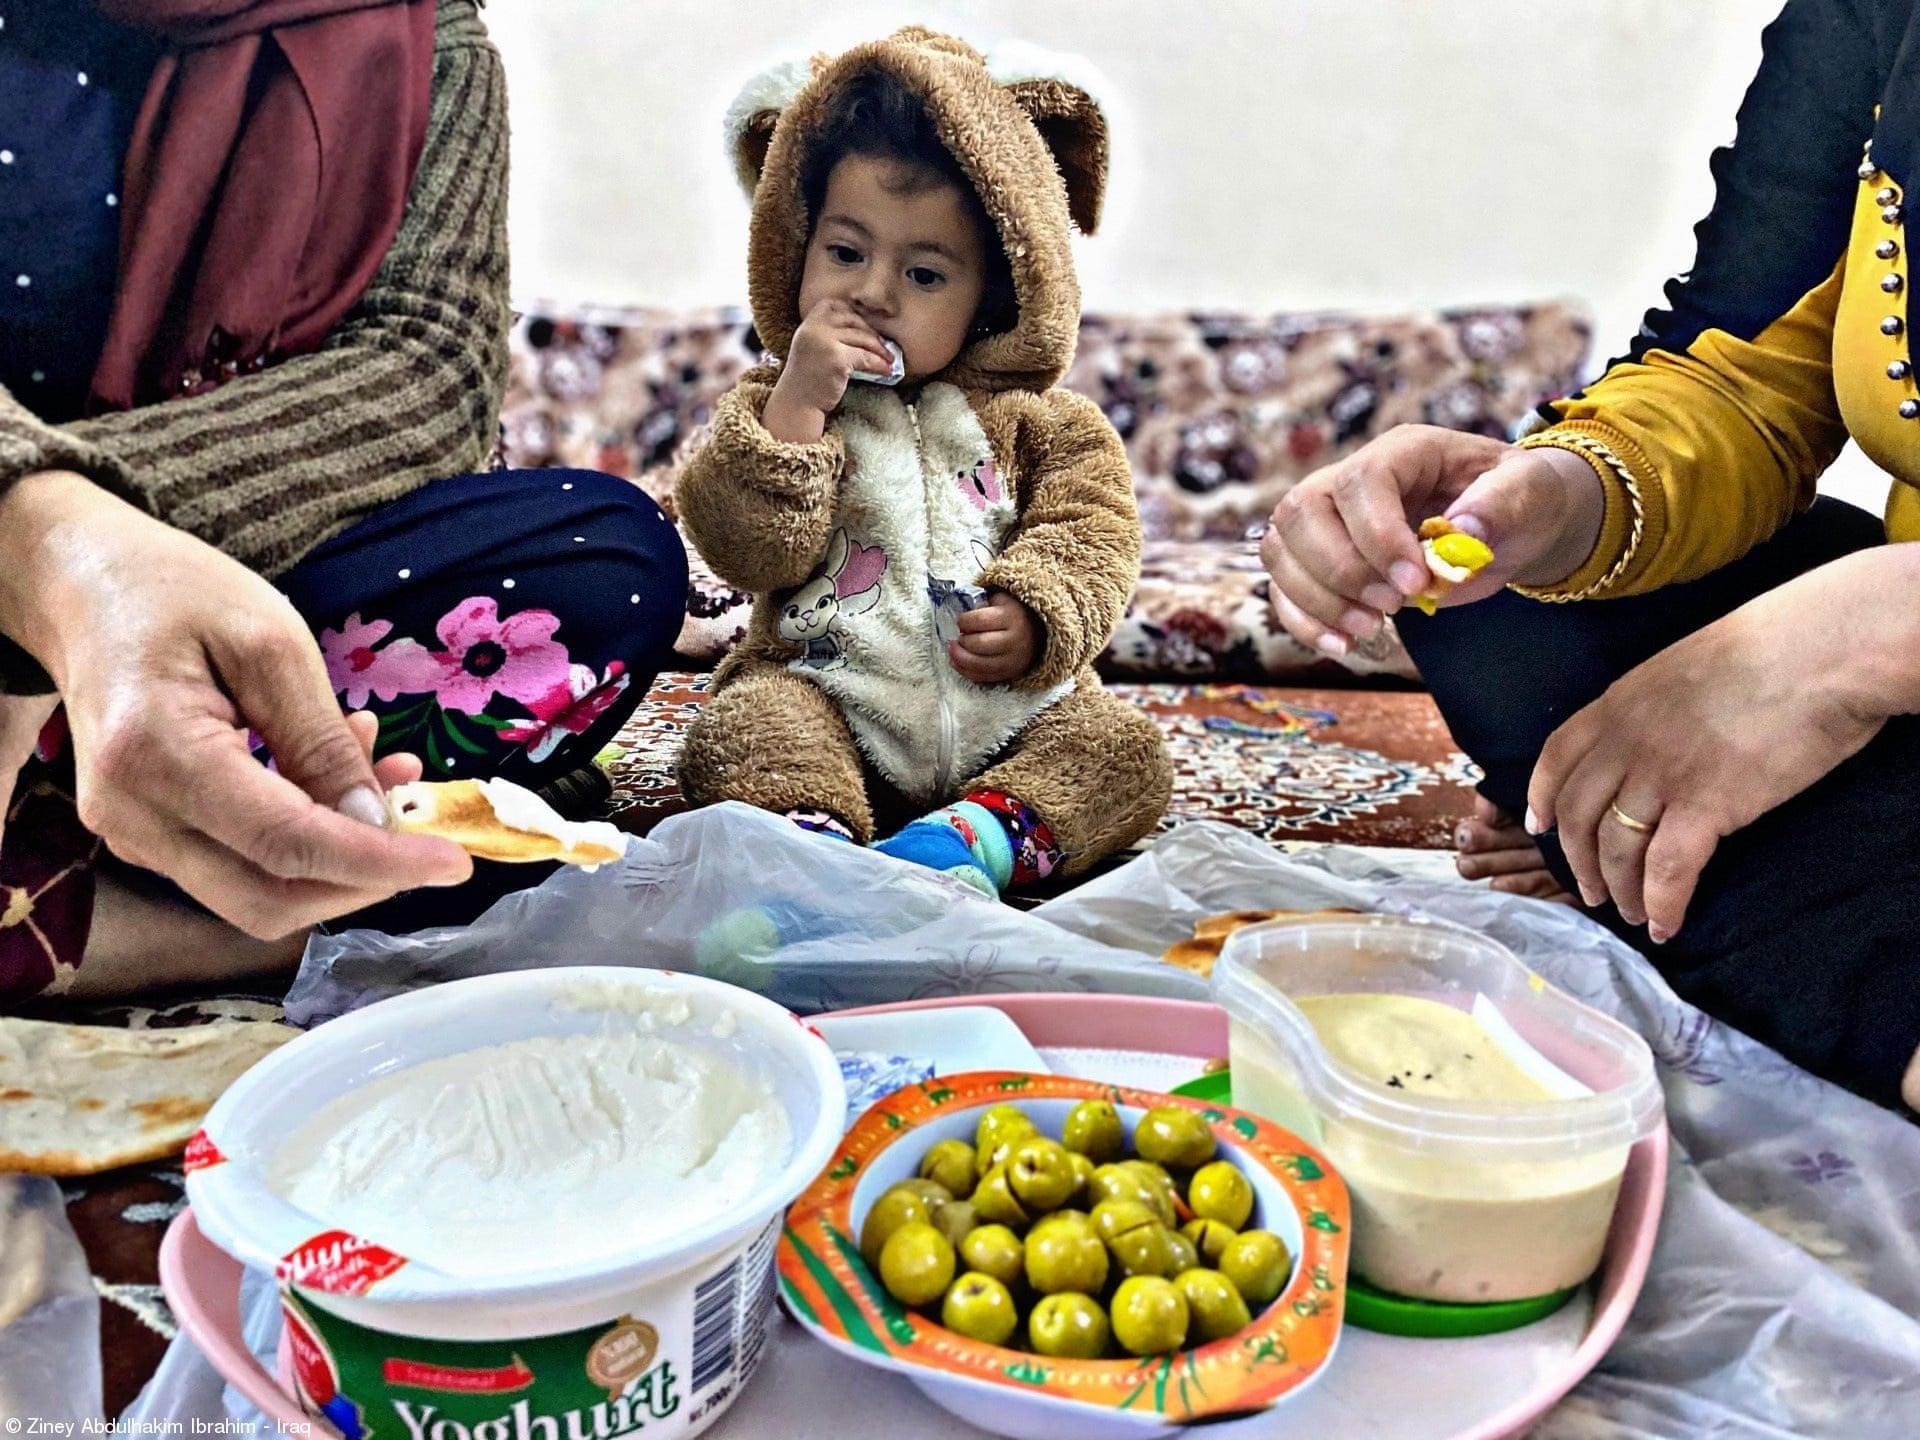 Βραβείο καινοτομίας για τους αφηγητές του WFP (Παγκόσμιο Πρόγραμμα Τροφίμων): «Οικογένεια» του Ζίνεϊ Αμπντουλχακίμ Ιμπραΐμ, Ιράκ. Δείχνει τη σημασία της συνάντησης των μελών της οικογένειας γύρω από το τραπέζι τουλάχιστον μία φορά την ημέρα, καθώς αυτή η συνήθεια ενισχύει τους οικογενειακούς δεσμούς, δίνει μια αίσθηση συναισθηματικής ζεστασιάς και παρέχει μια ευκαιρία για διάλογο, ανταλλαγή ιδεών και επίλυση προβλημάτων